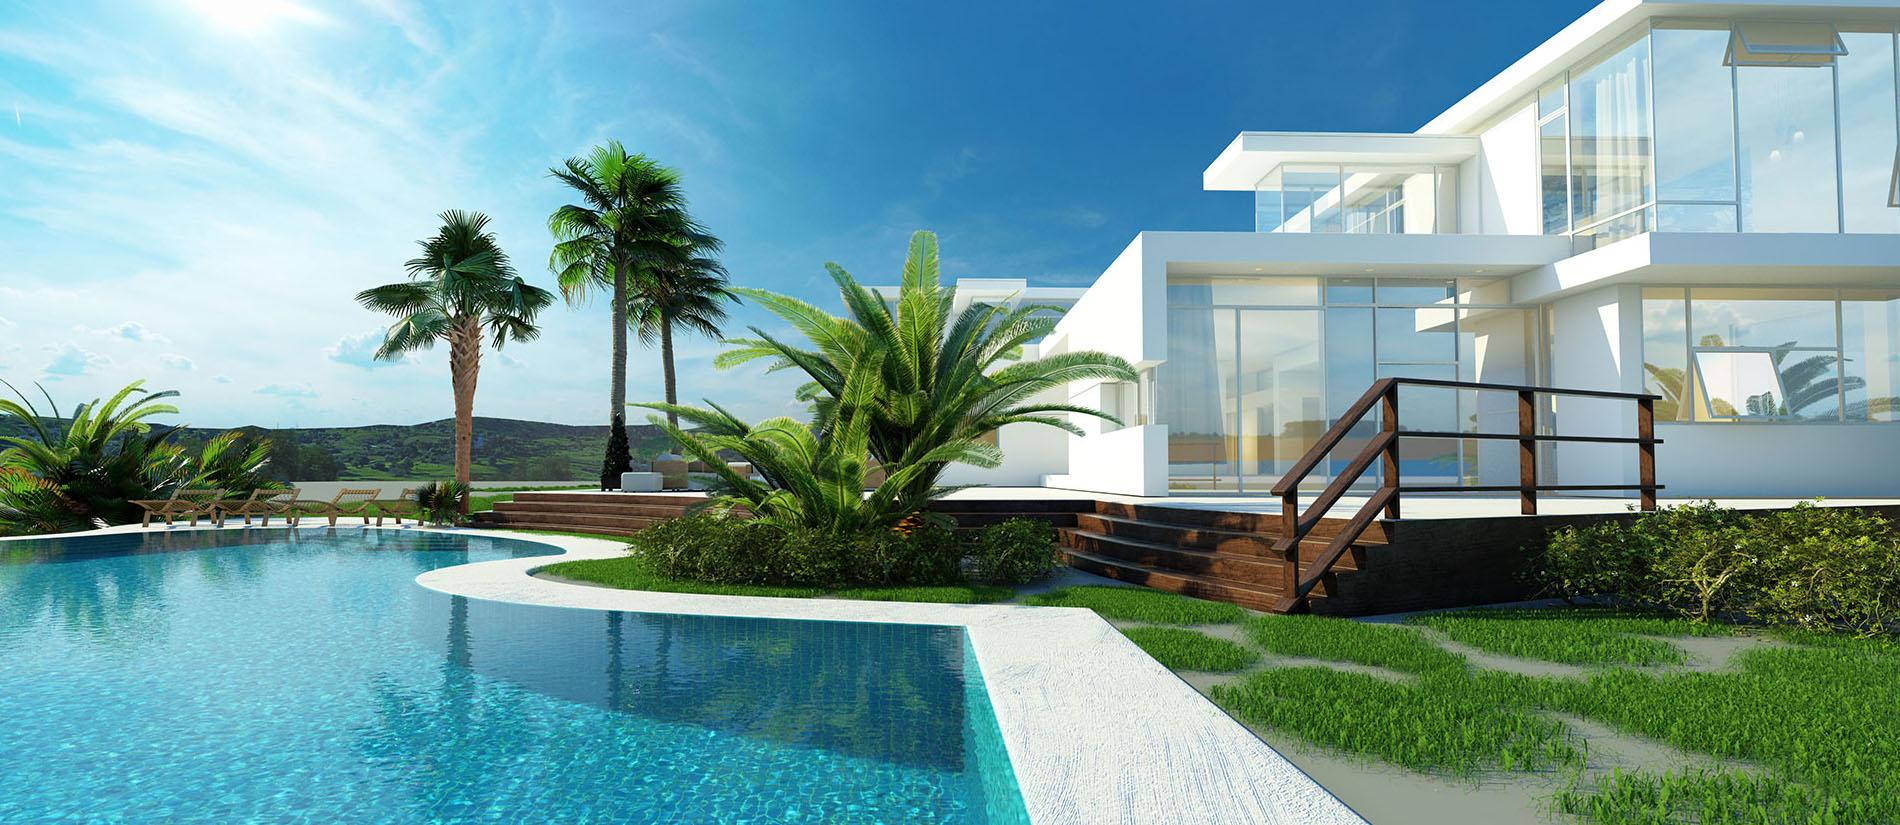 Resort, Khách Sạn - Biệt Thự Nghỉ Dưỡng sử dụng gạch Ấn Độ